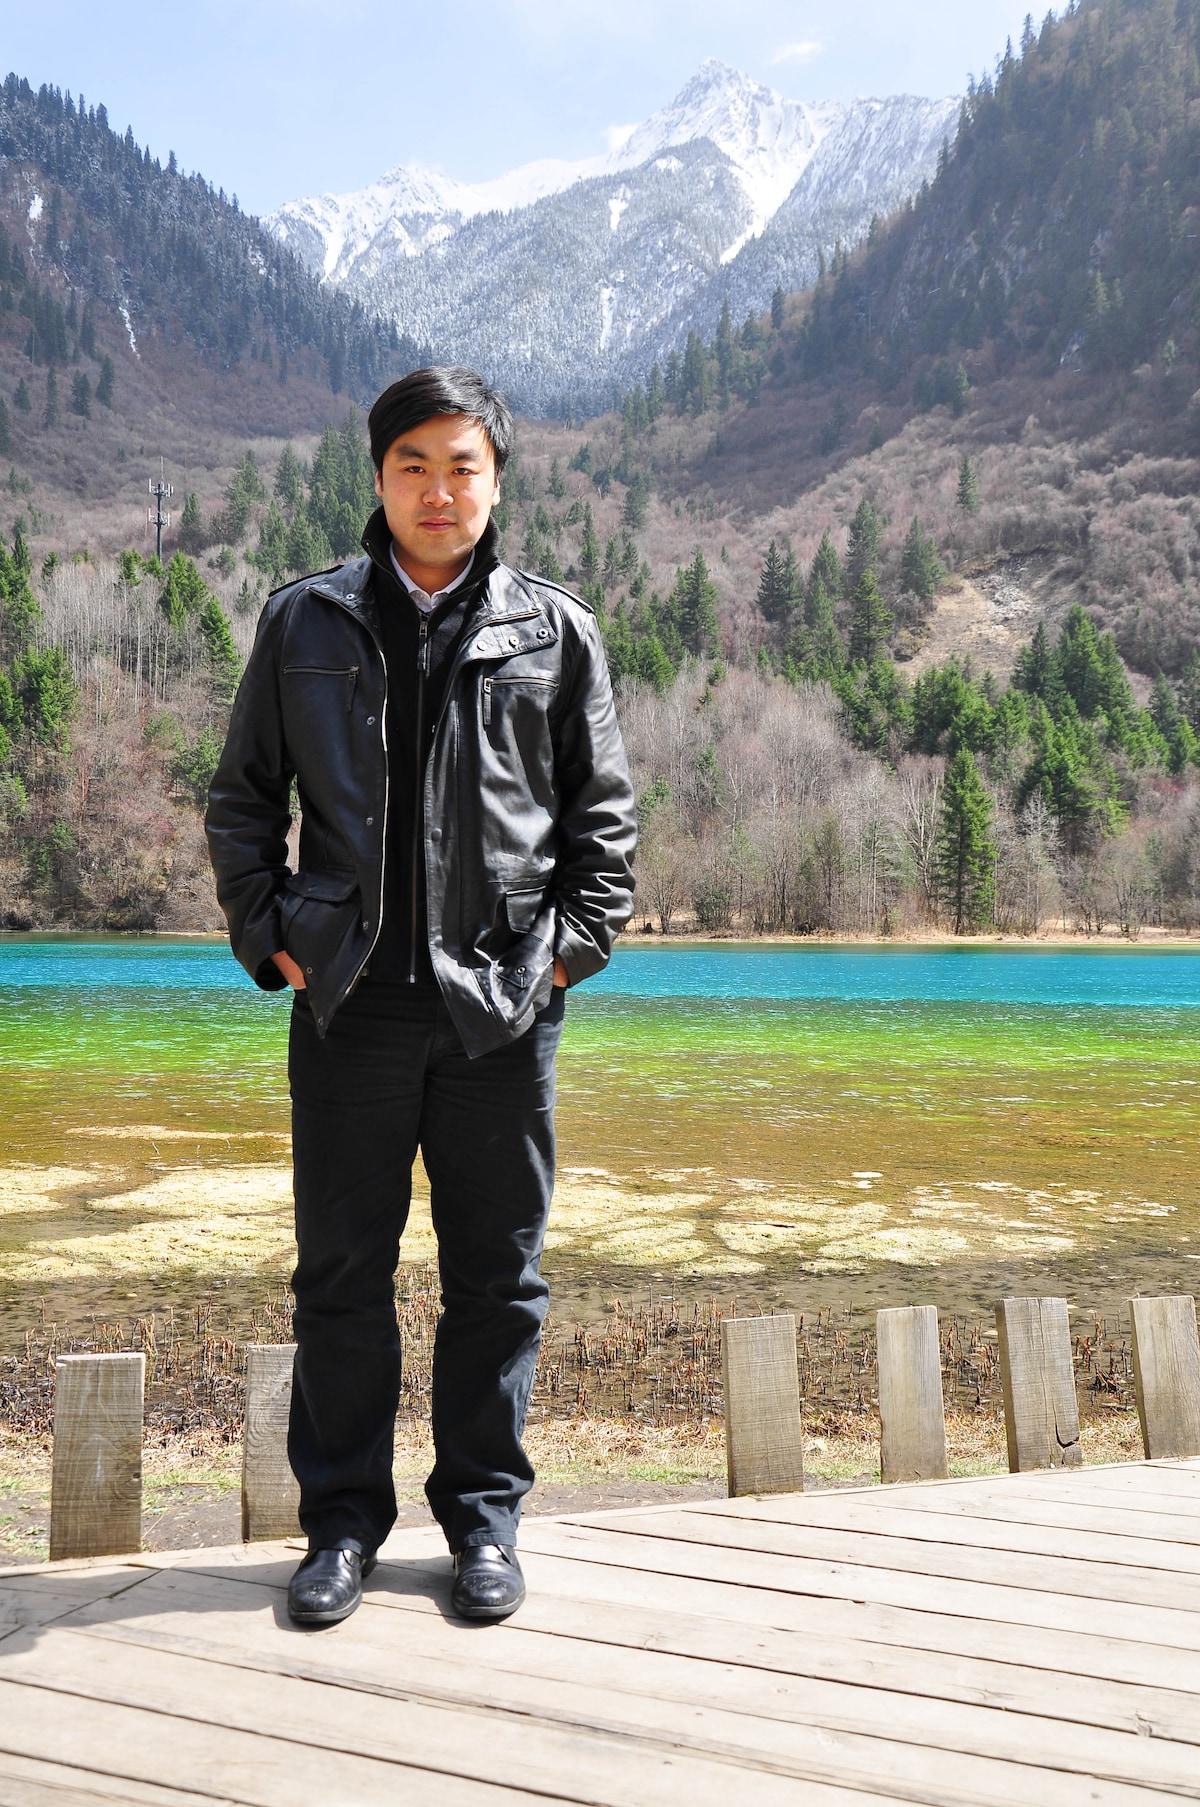 Bruce from Beijing